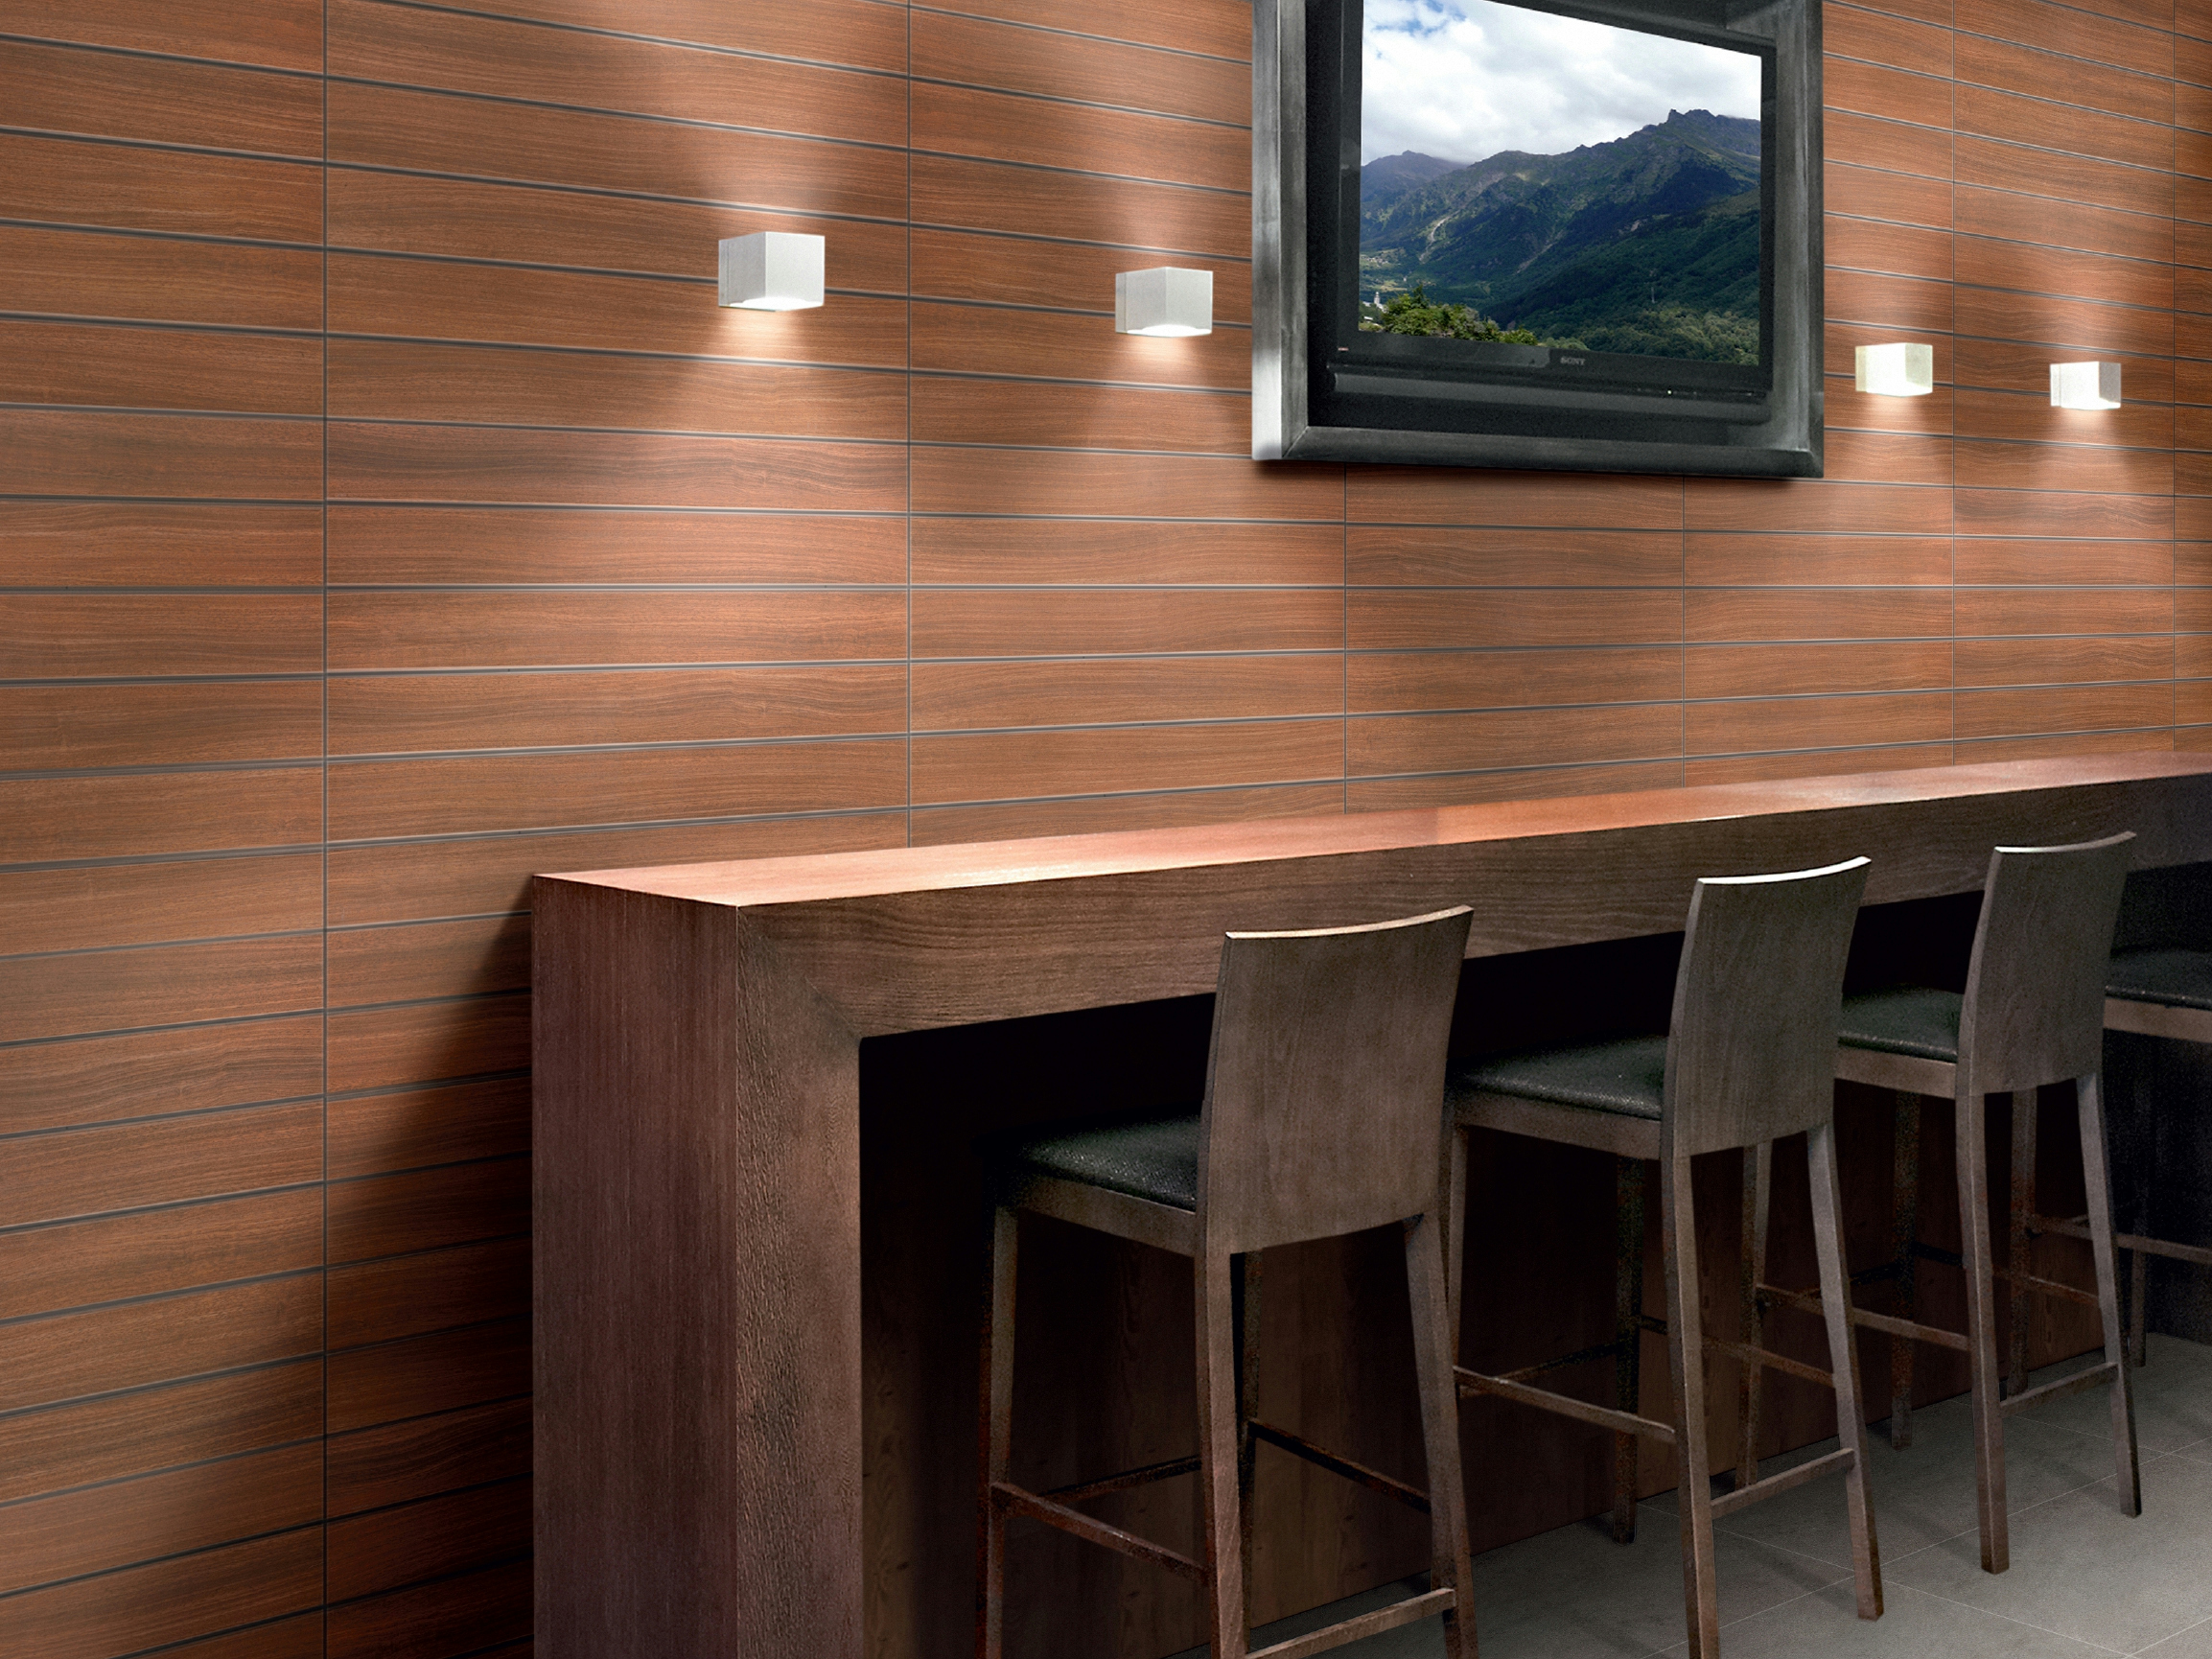 Revestimiento de pared suelo de gres porcel nico imitaci n - Revestir pared con madera ...